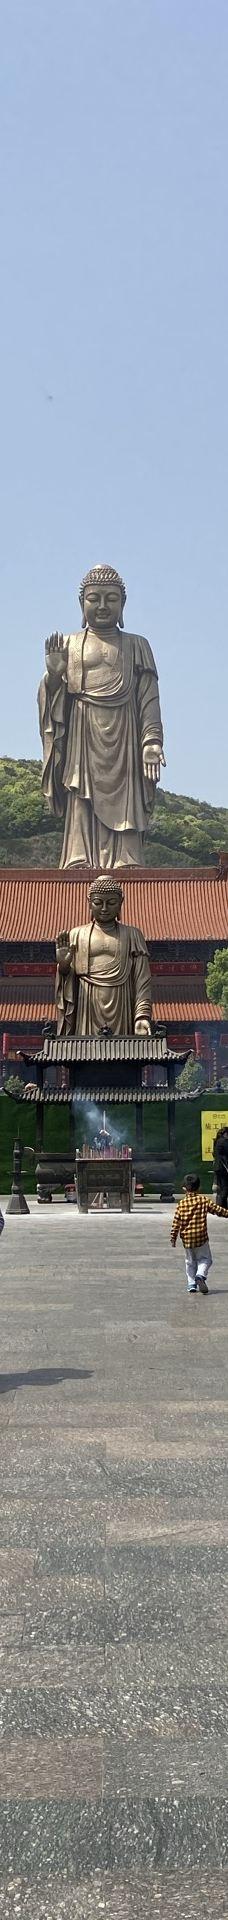 灵山胜境-灵山景区